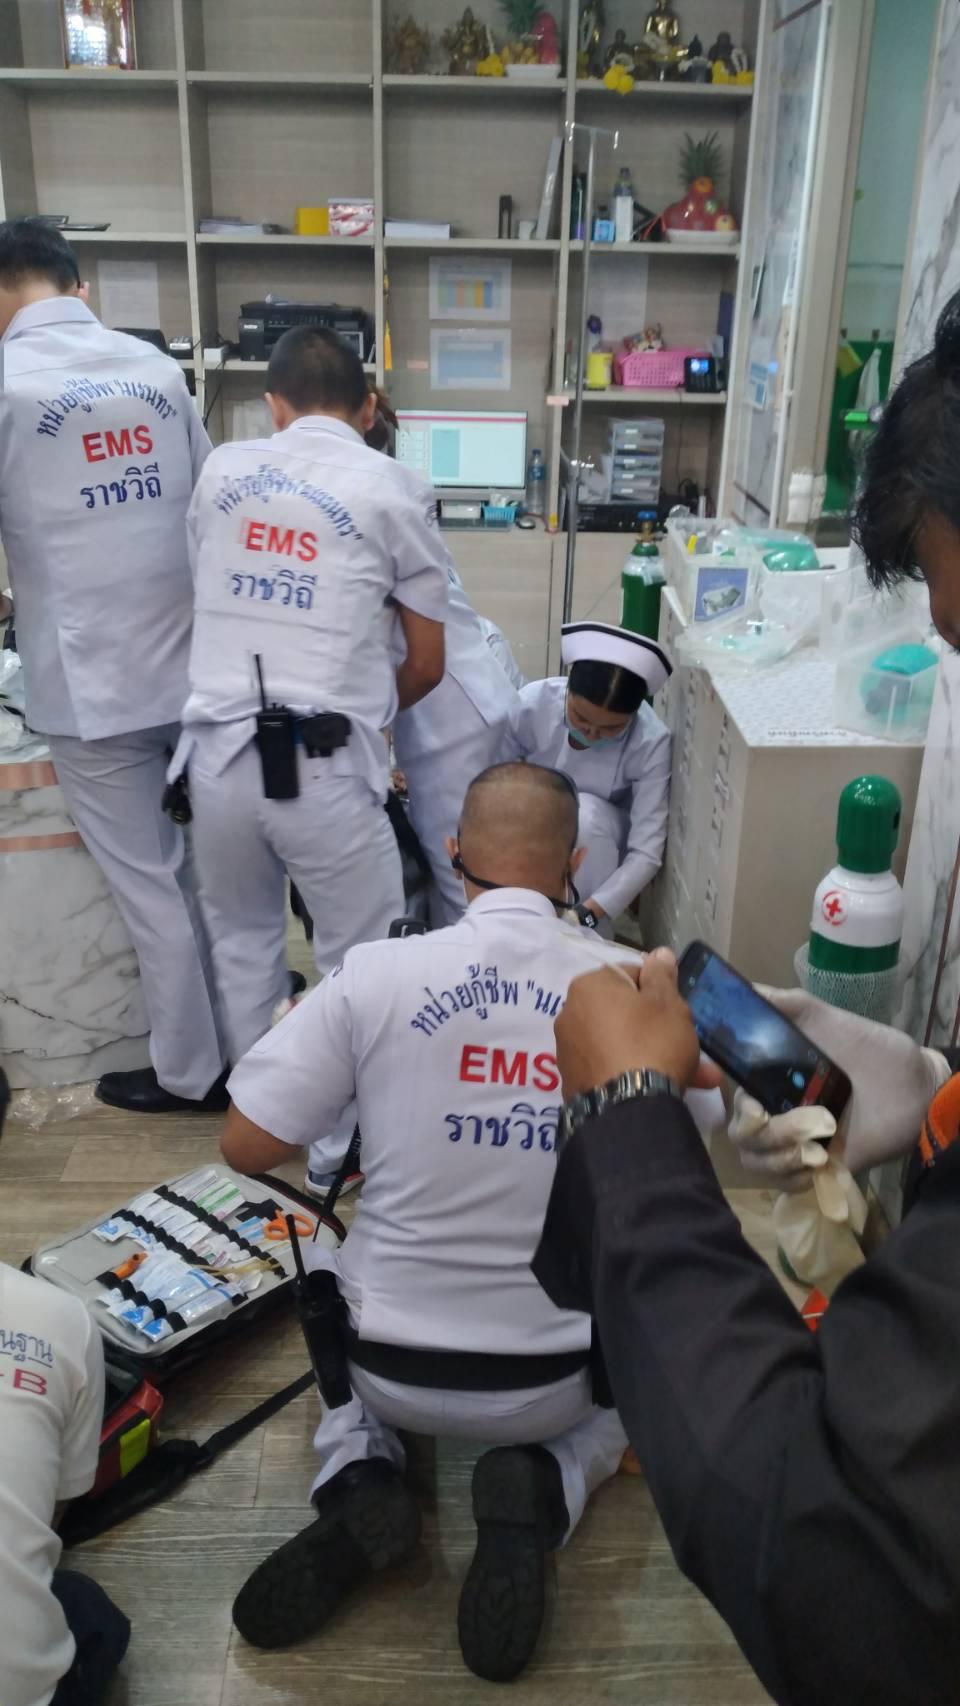 Người vợ bị bắn chết ngay tại hiện trường, riêng một người khác bị thương đã được đưa đến bệnh viện.